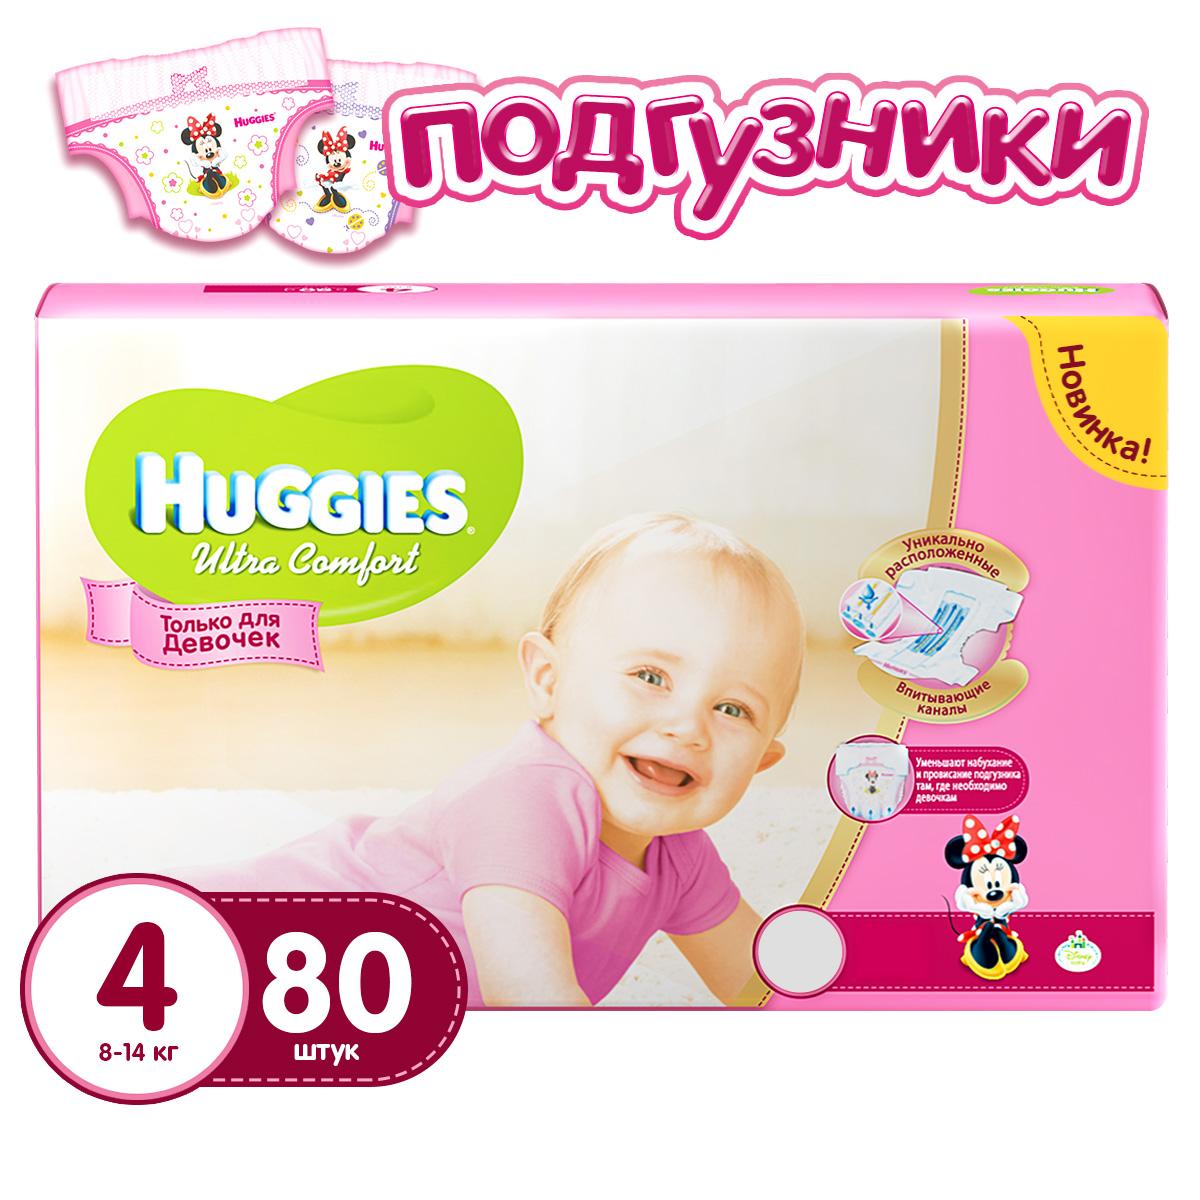 Подгузники Huggies Ultra Comfort Giga Pack для девочек 8-14 кг (80 шт) Размер 4<br>